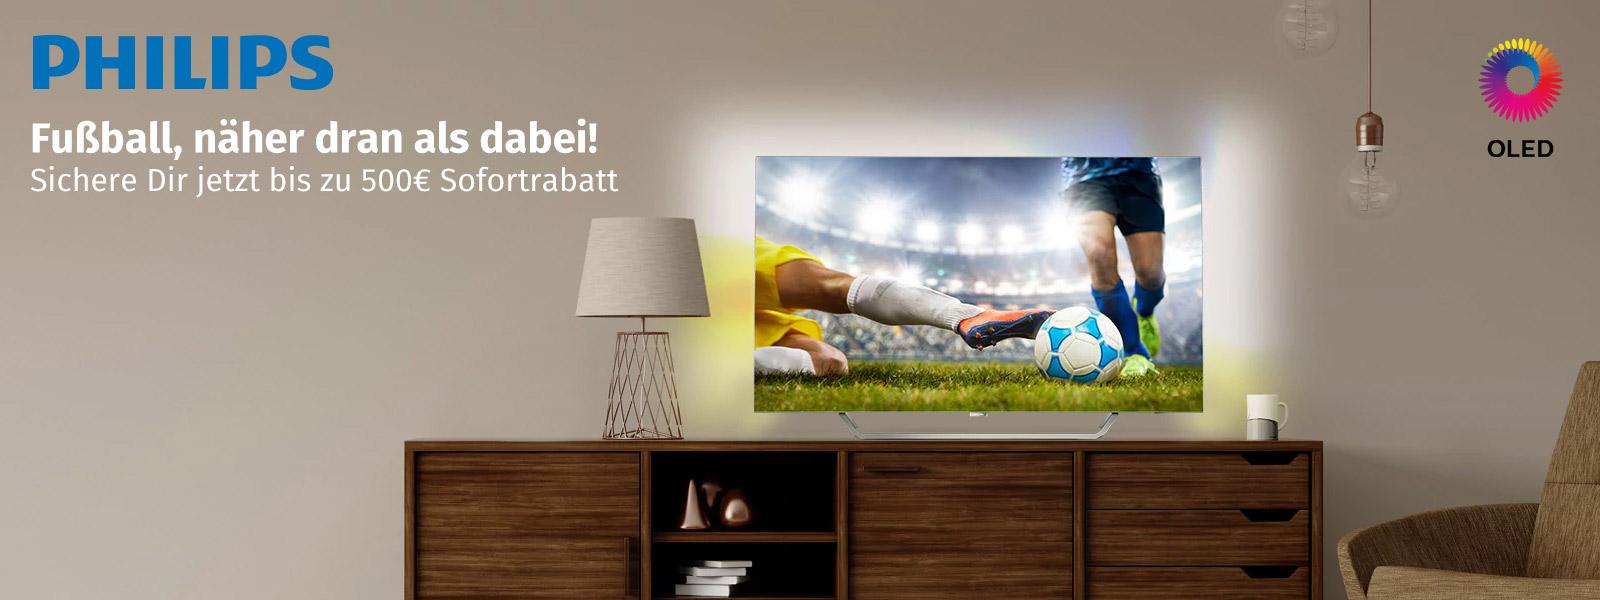 Philips in Plauen - Sofortbonus zur WM